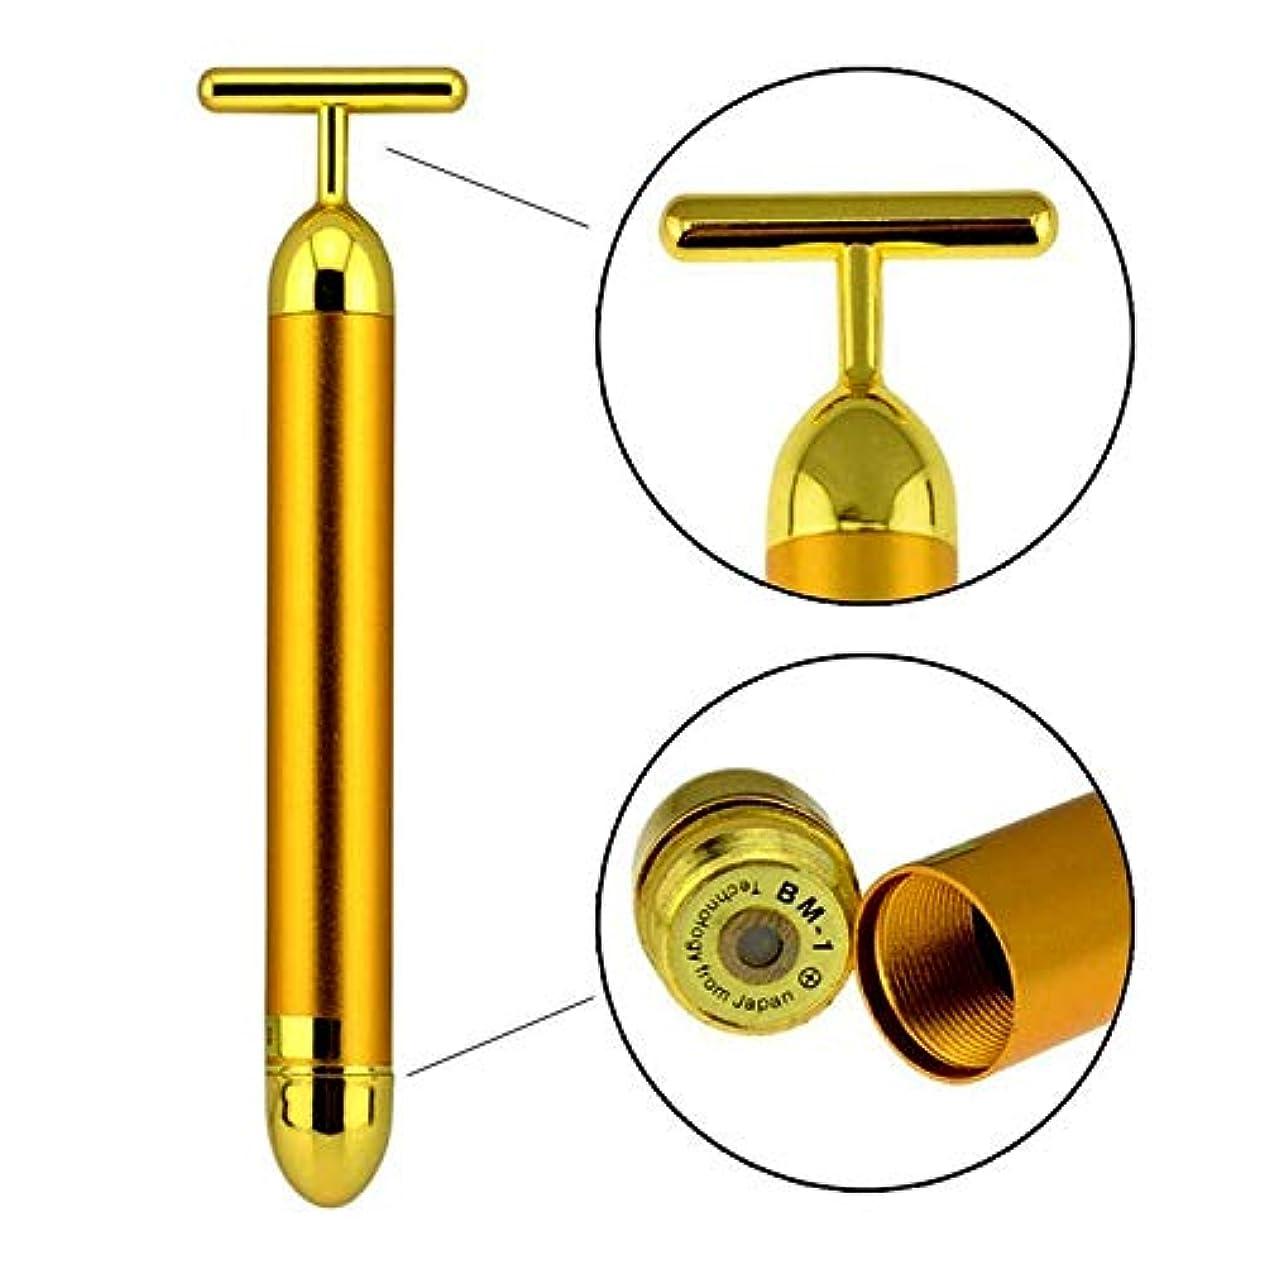 現実的温帯弱い24k金美棒、電子顔のローラーの防水マイクロ振動のマッサージャー